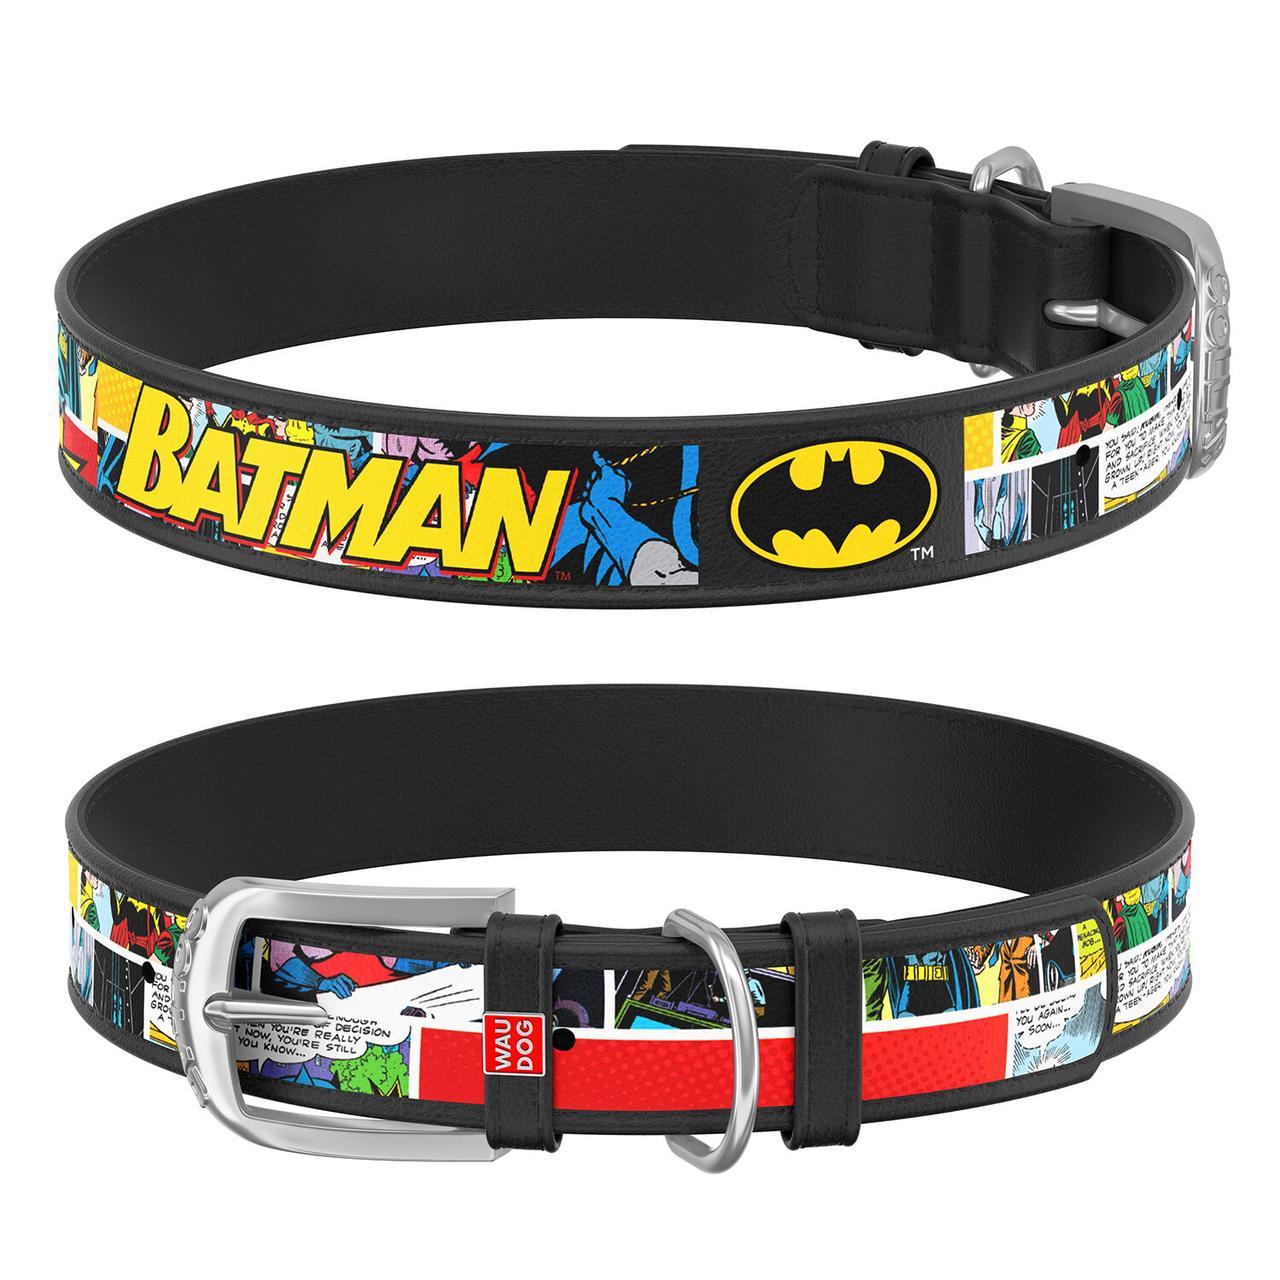 """Ошейник WAUDOG Design с рисунком """"Бэтмен1"""", металлическая пряжка, 25 мм, 38-49 см Черный"""